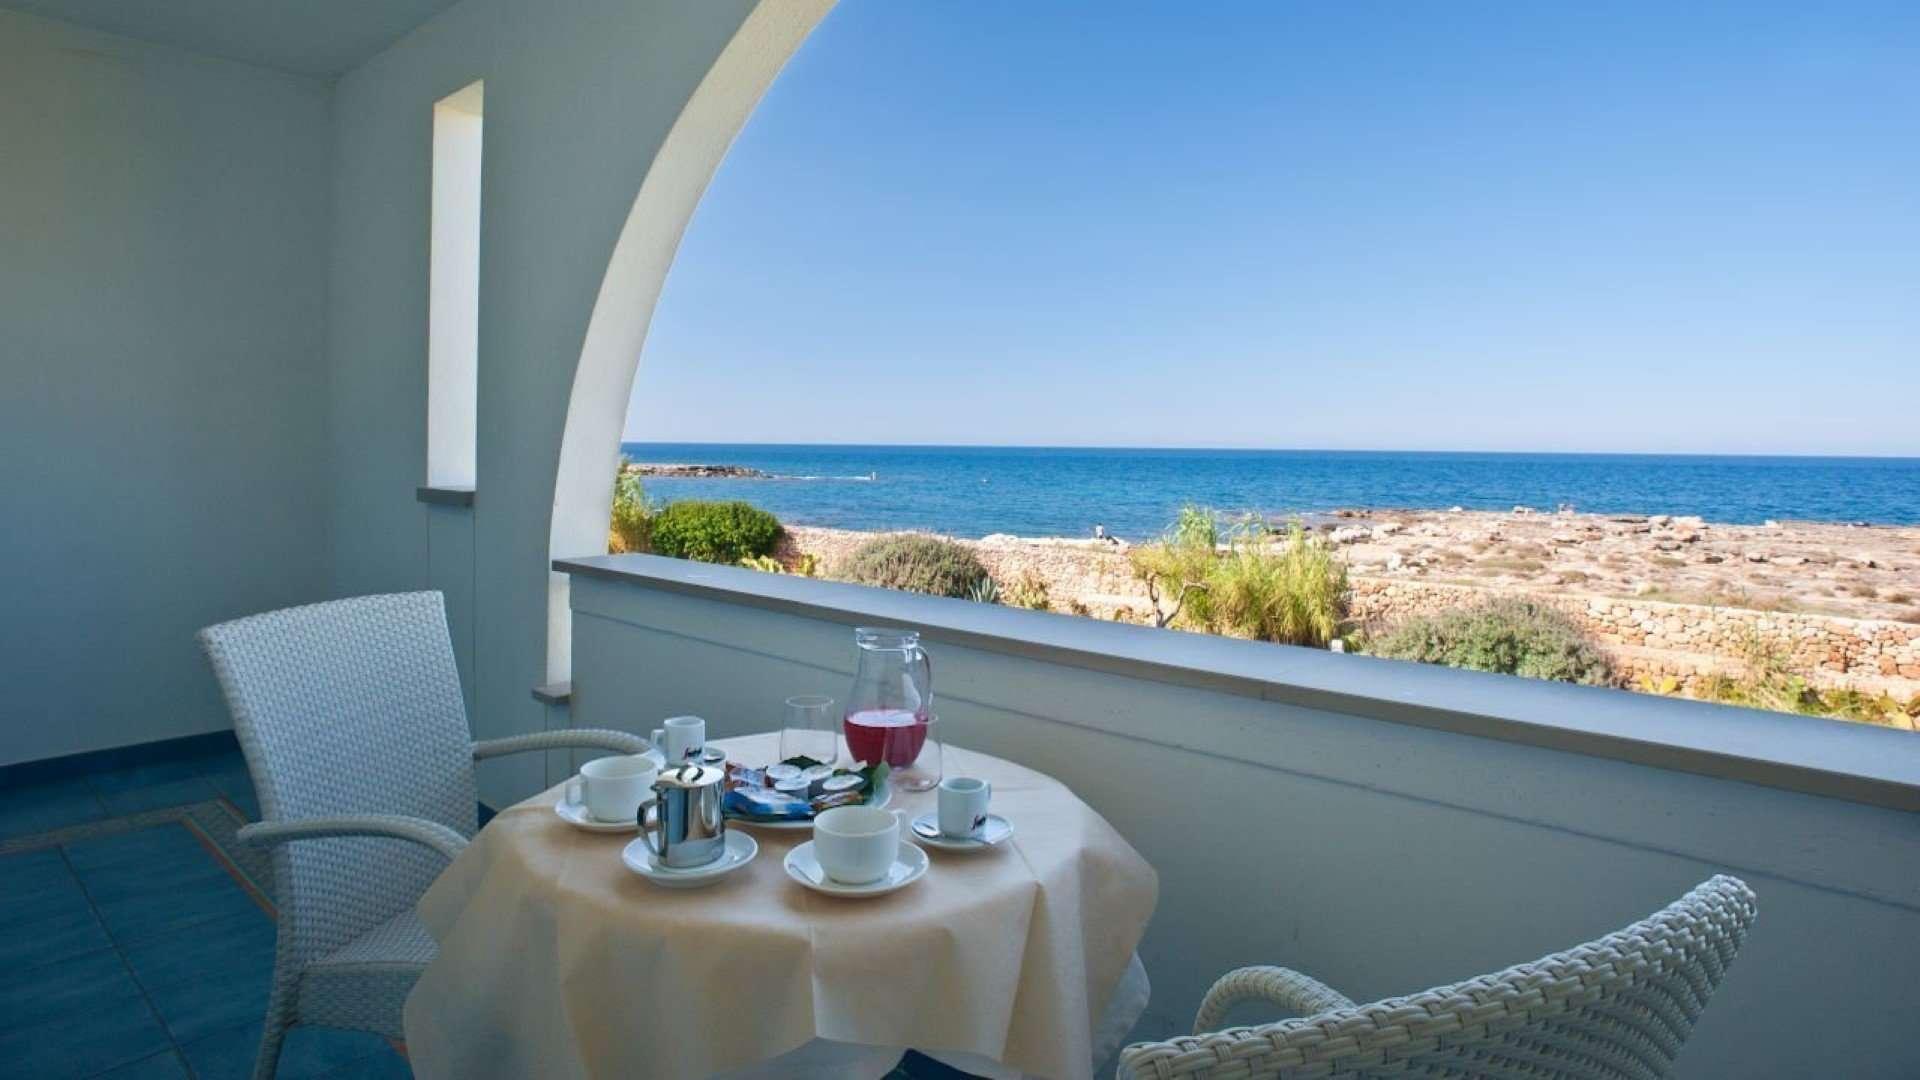 pietrablu resort & spa - puglia - italie - tafeltje aan zee